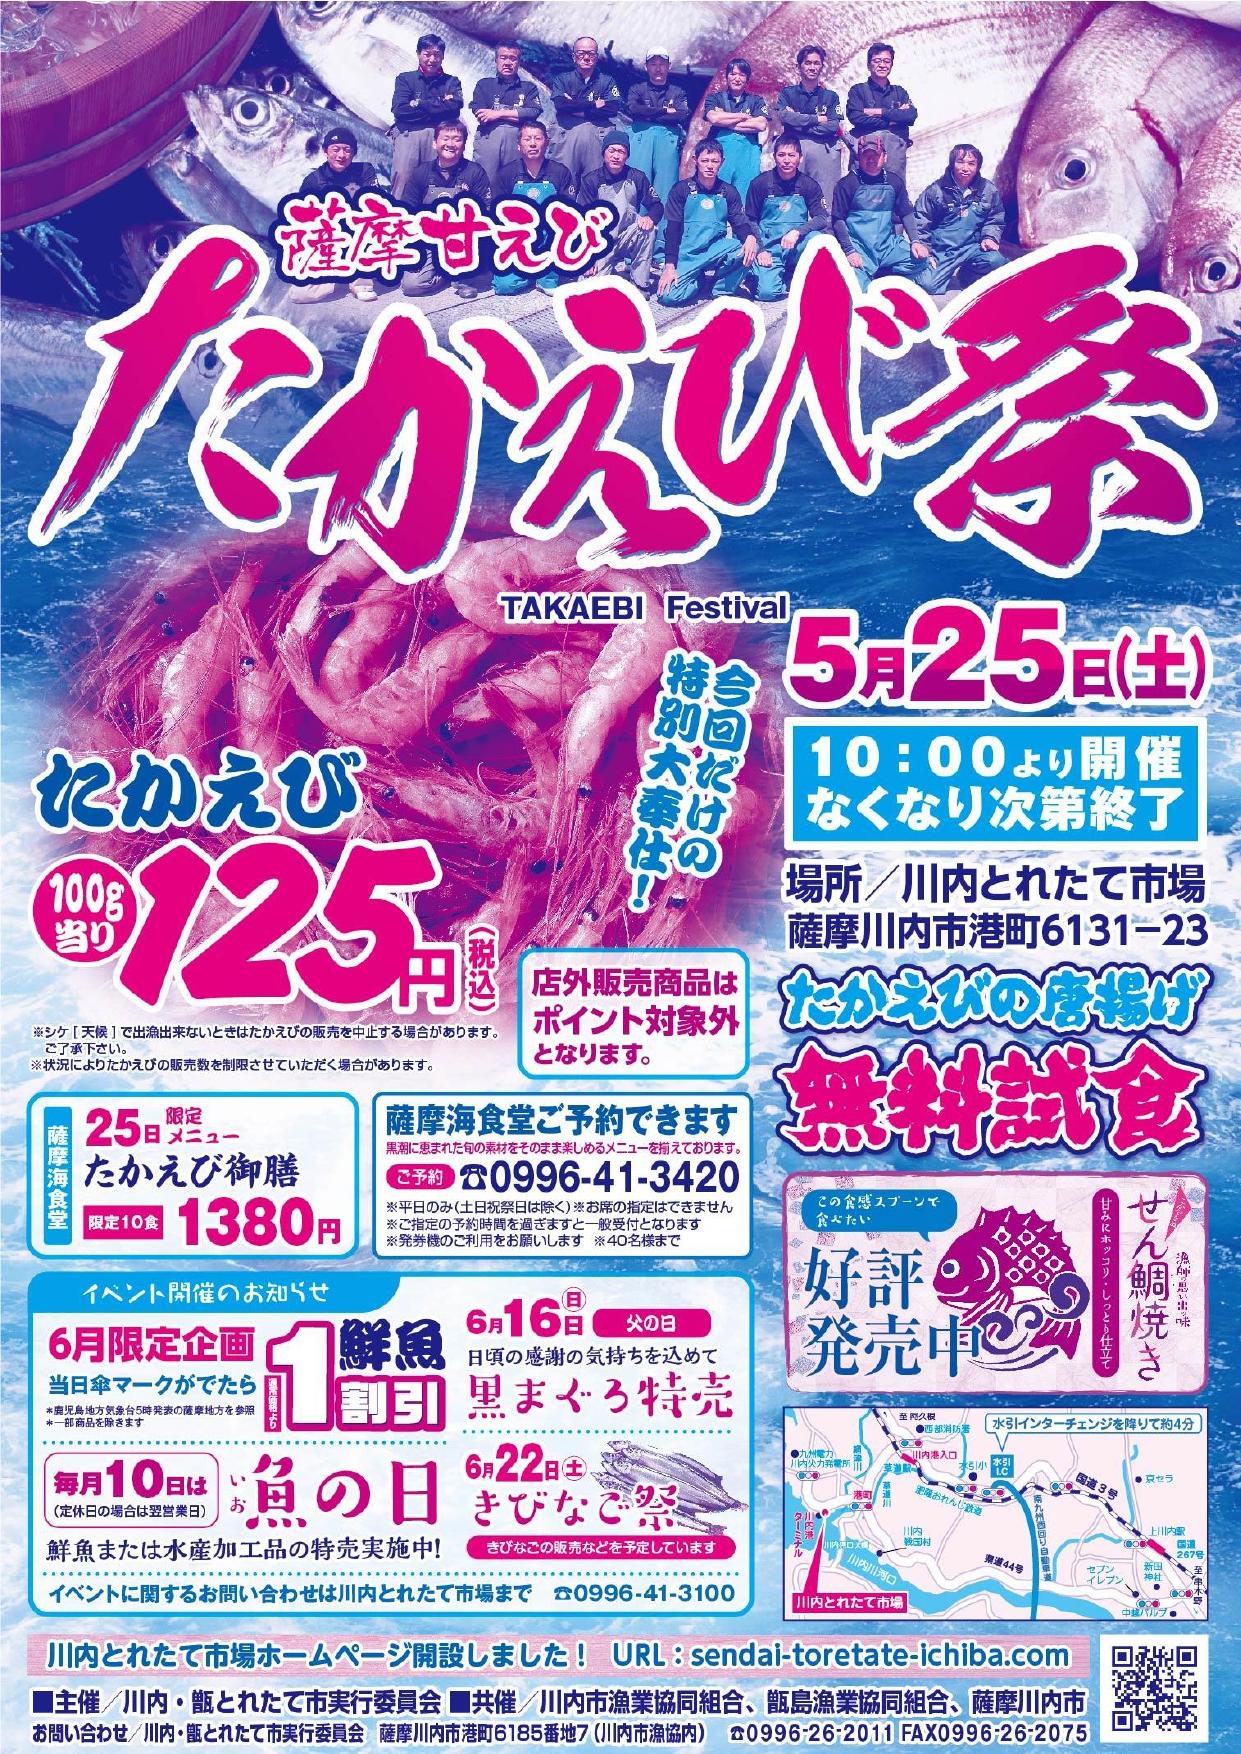 川内とれたて市場『たかえび祭』開催!